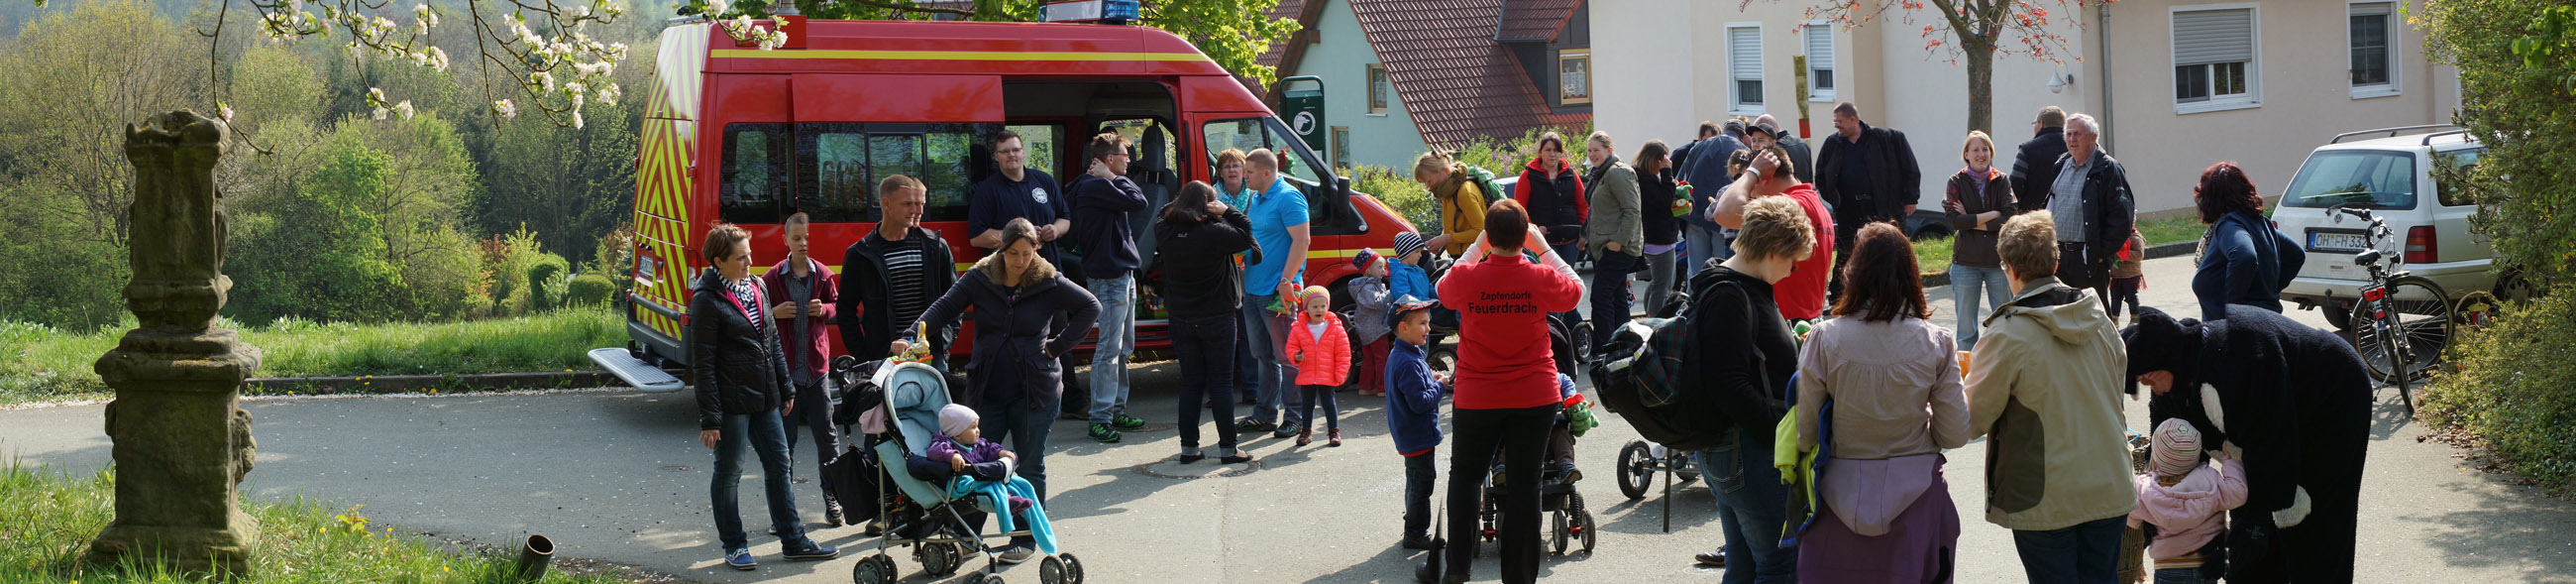 Ostereiersuche Feuerwehr Zapfendorf 2014